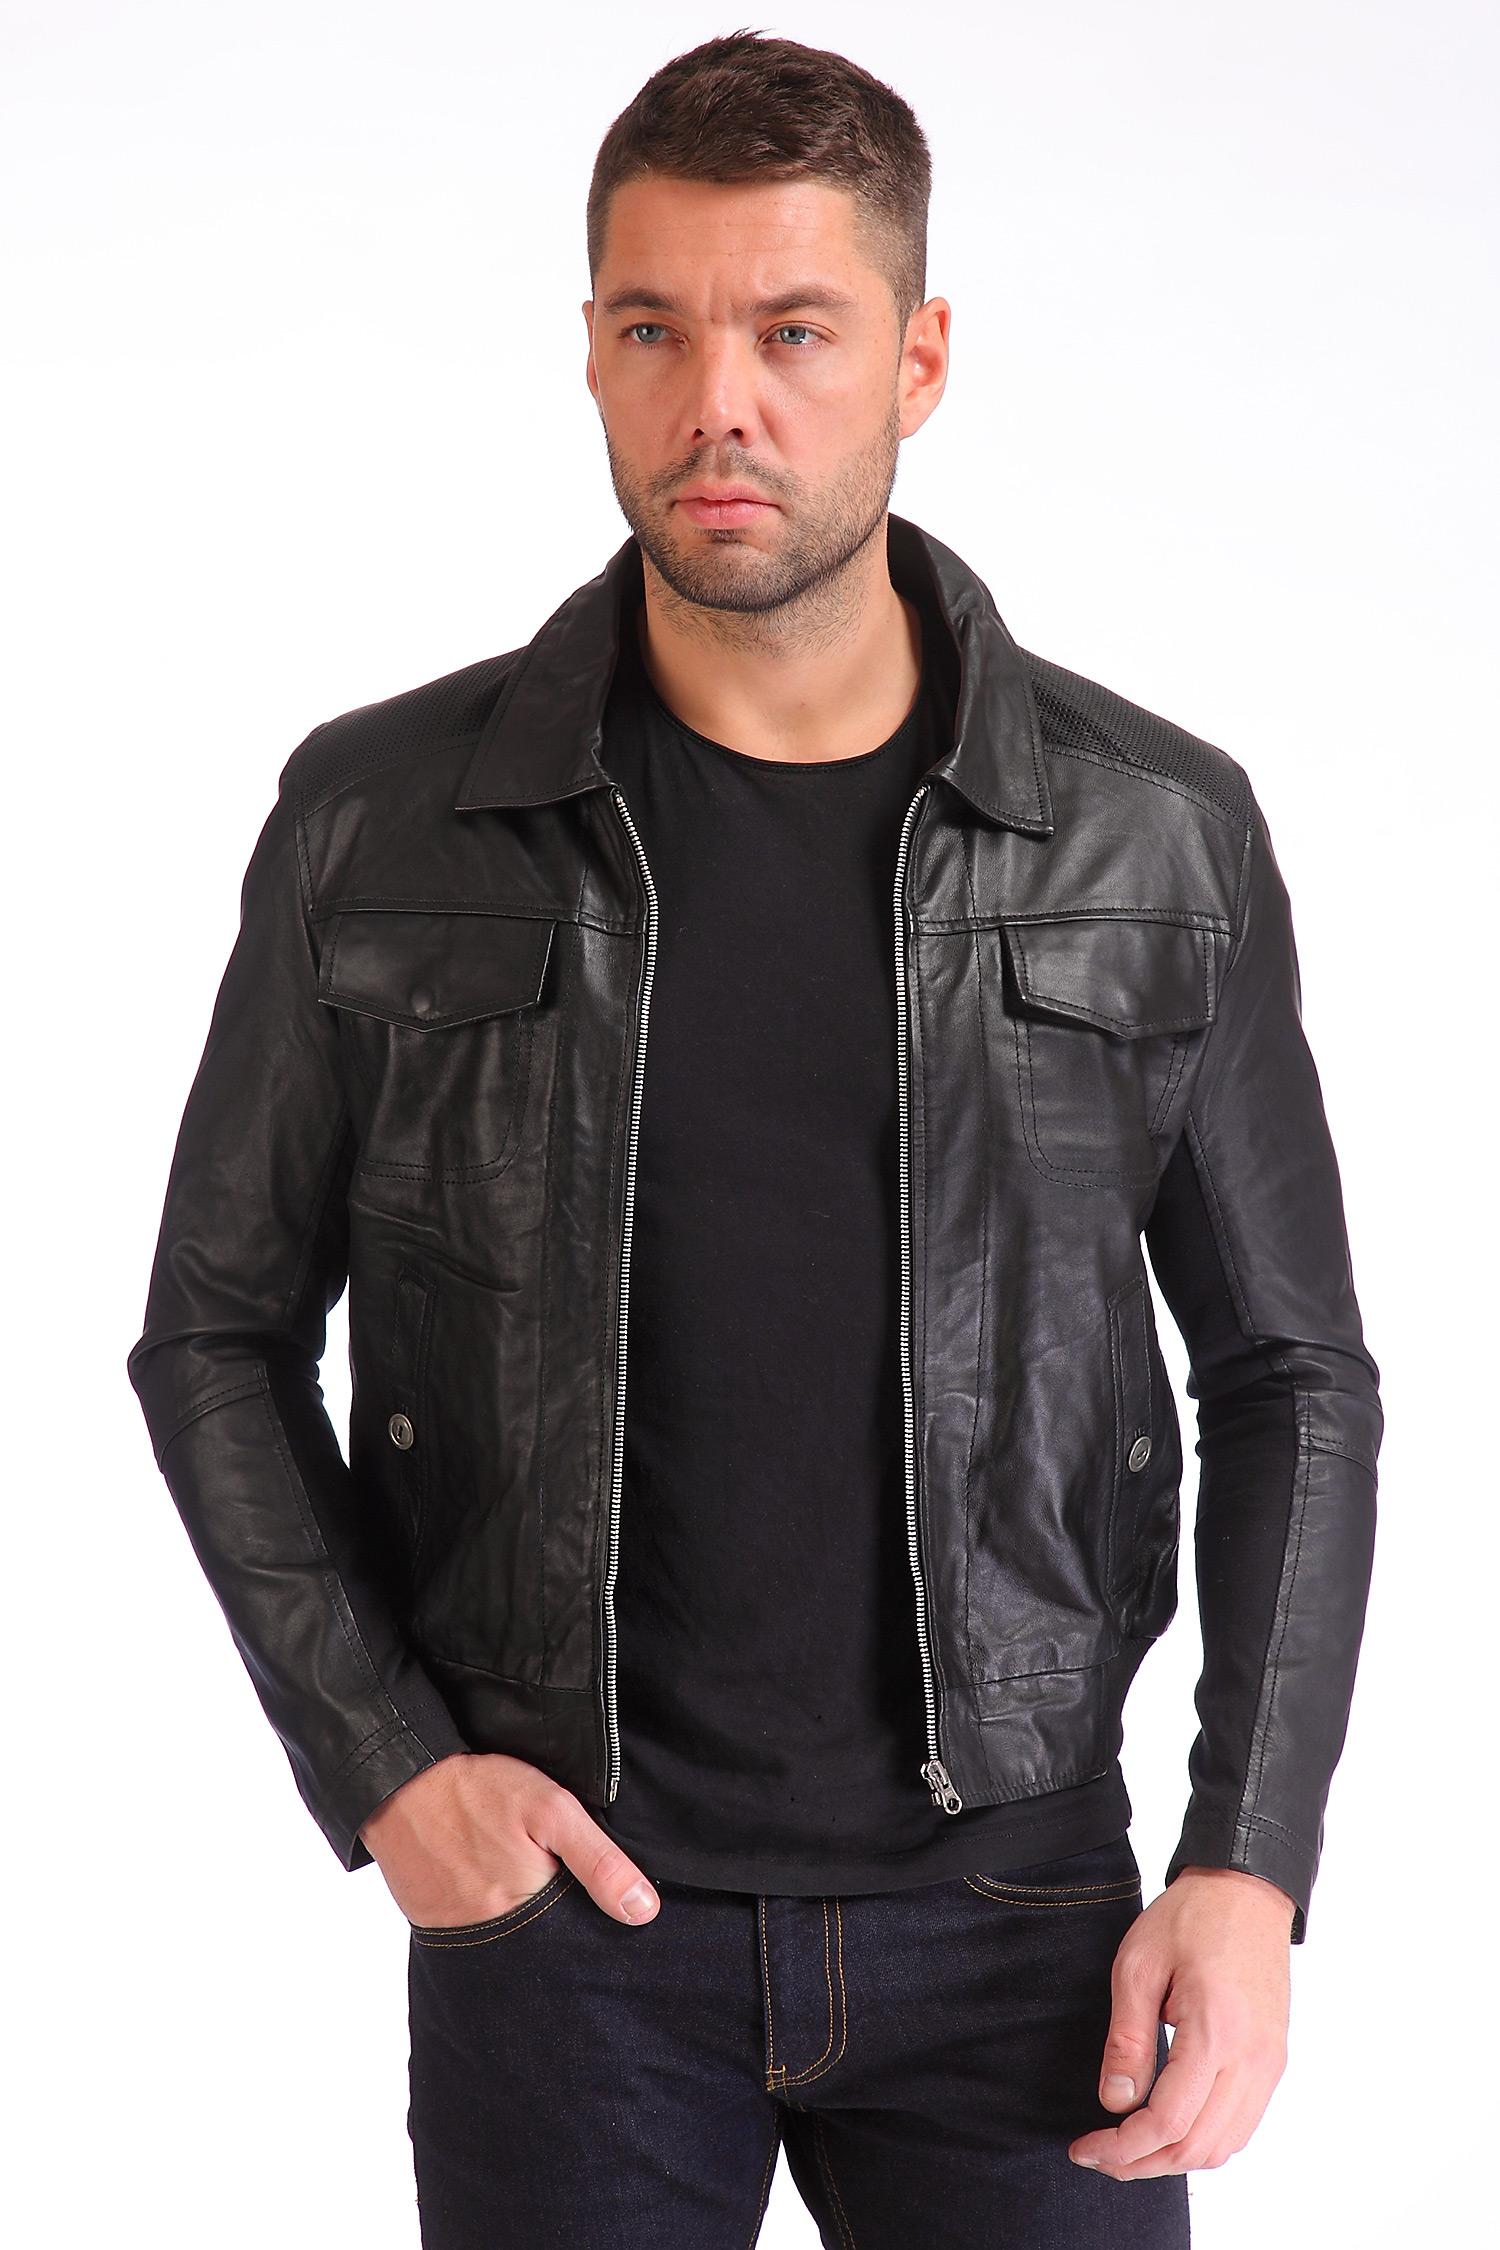 Мужская кожаная куртка из натуральной кожи<br><br>Воротник: отложной<br>Длина см: Короткая (51-74 )<br>Материал: Кожа овчина<br>Цвет: черный<br>Вид застежки: центральная<br>Застежка: на молнии<br>Пол: Мужской<br>Размер RU: 48